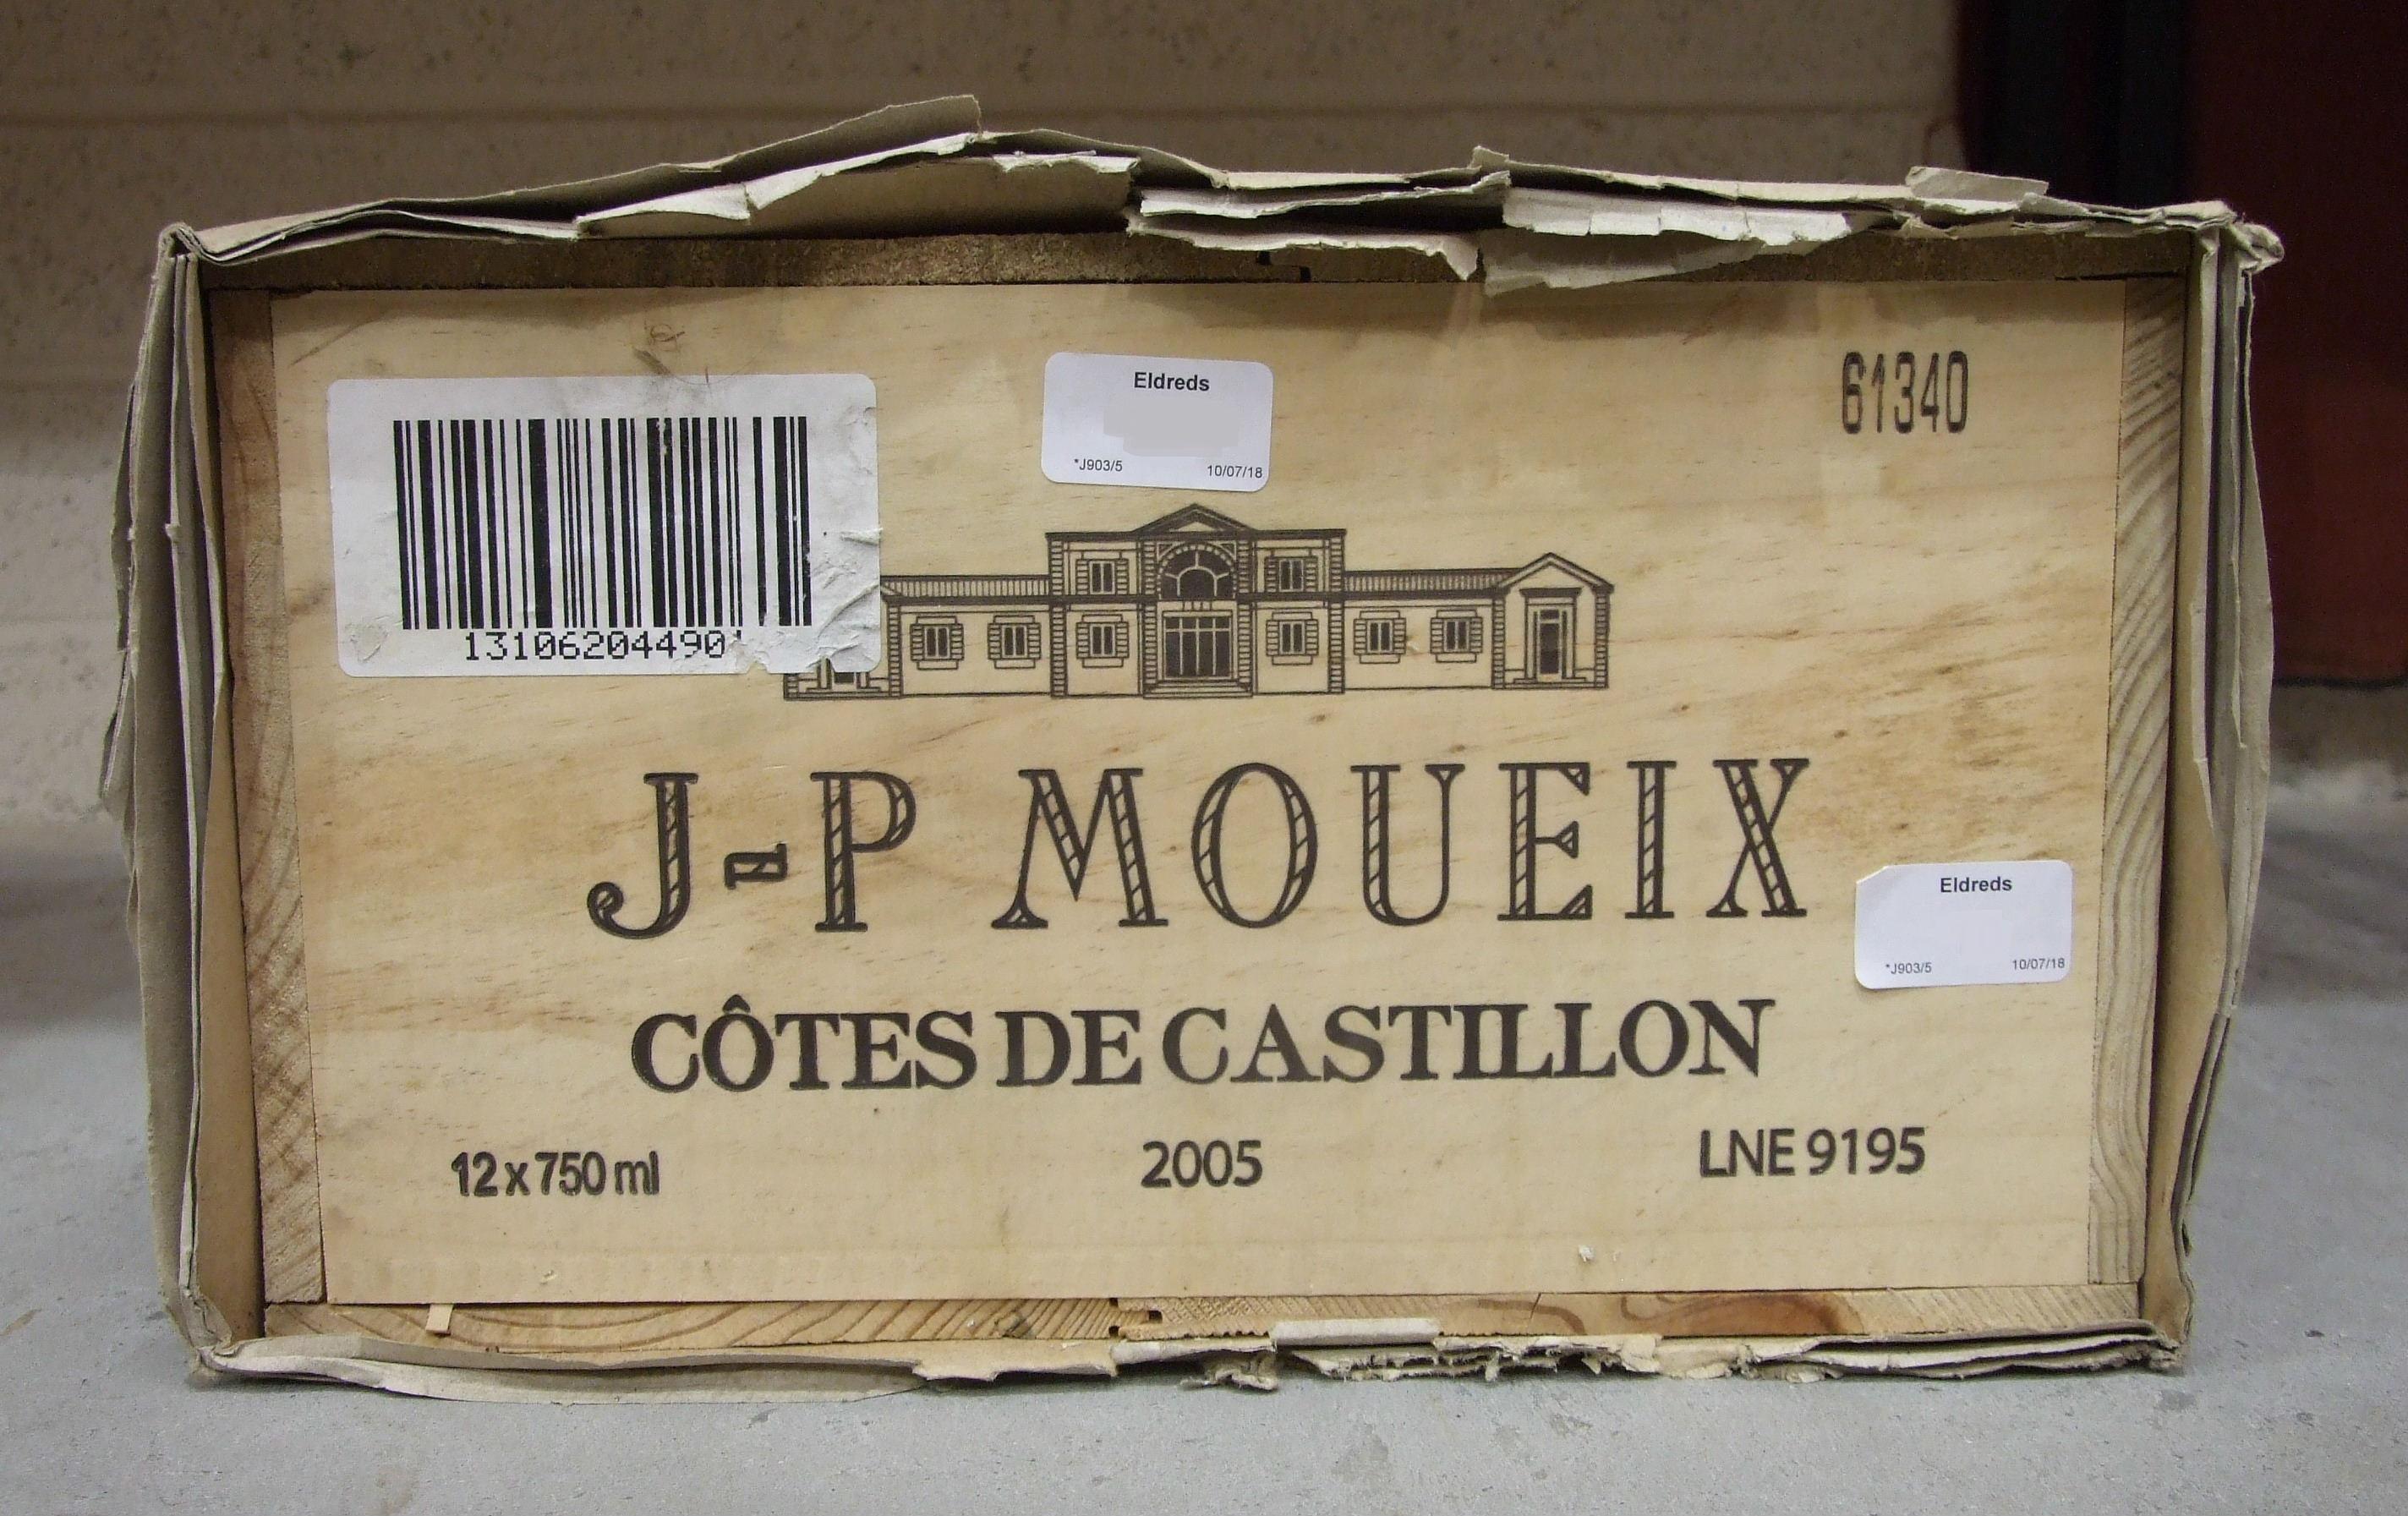 Lot 33 - Moueix Cotes de Castillon 2005, 12 bottles.